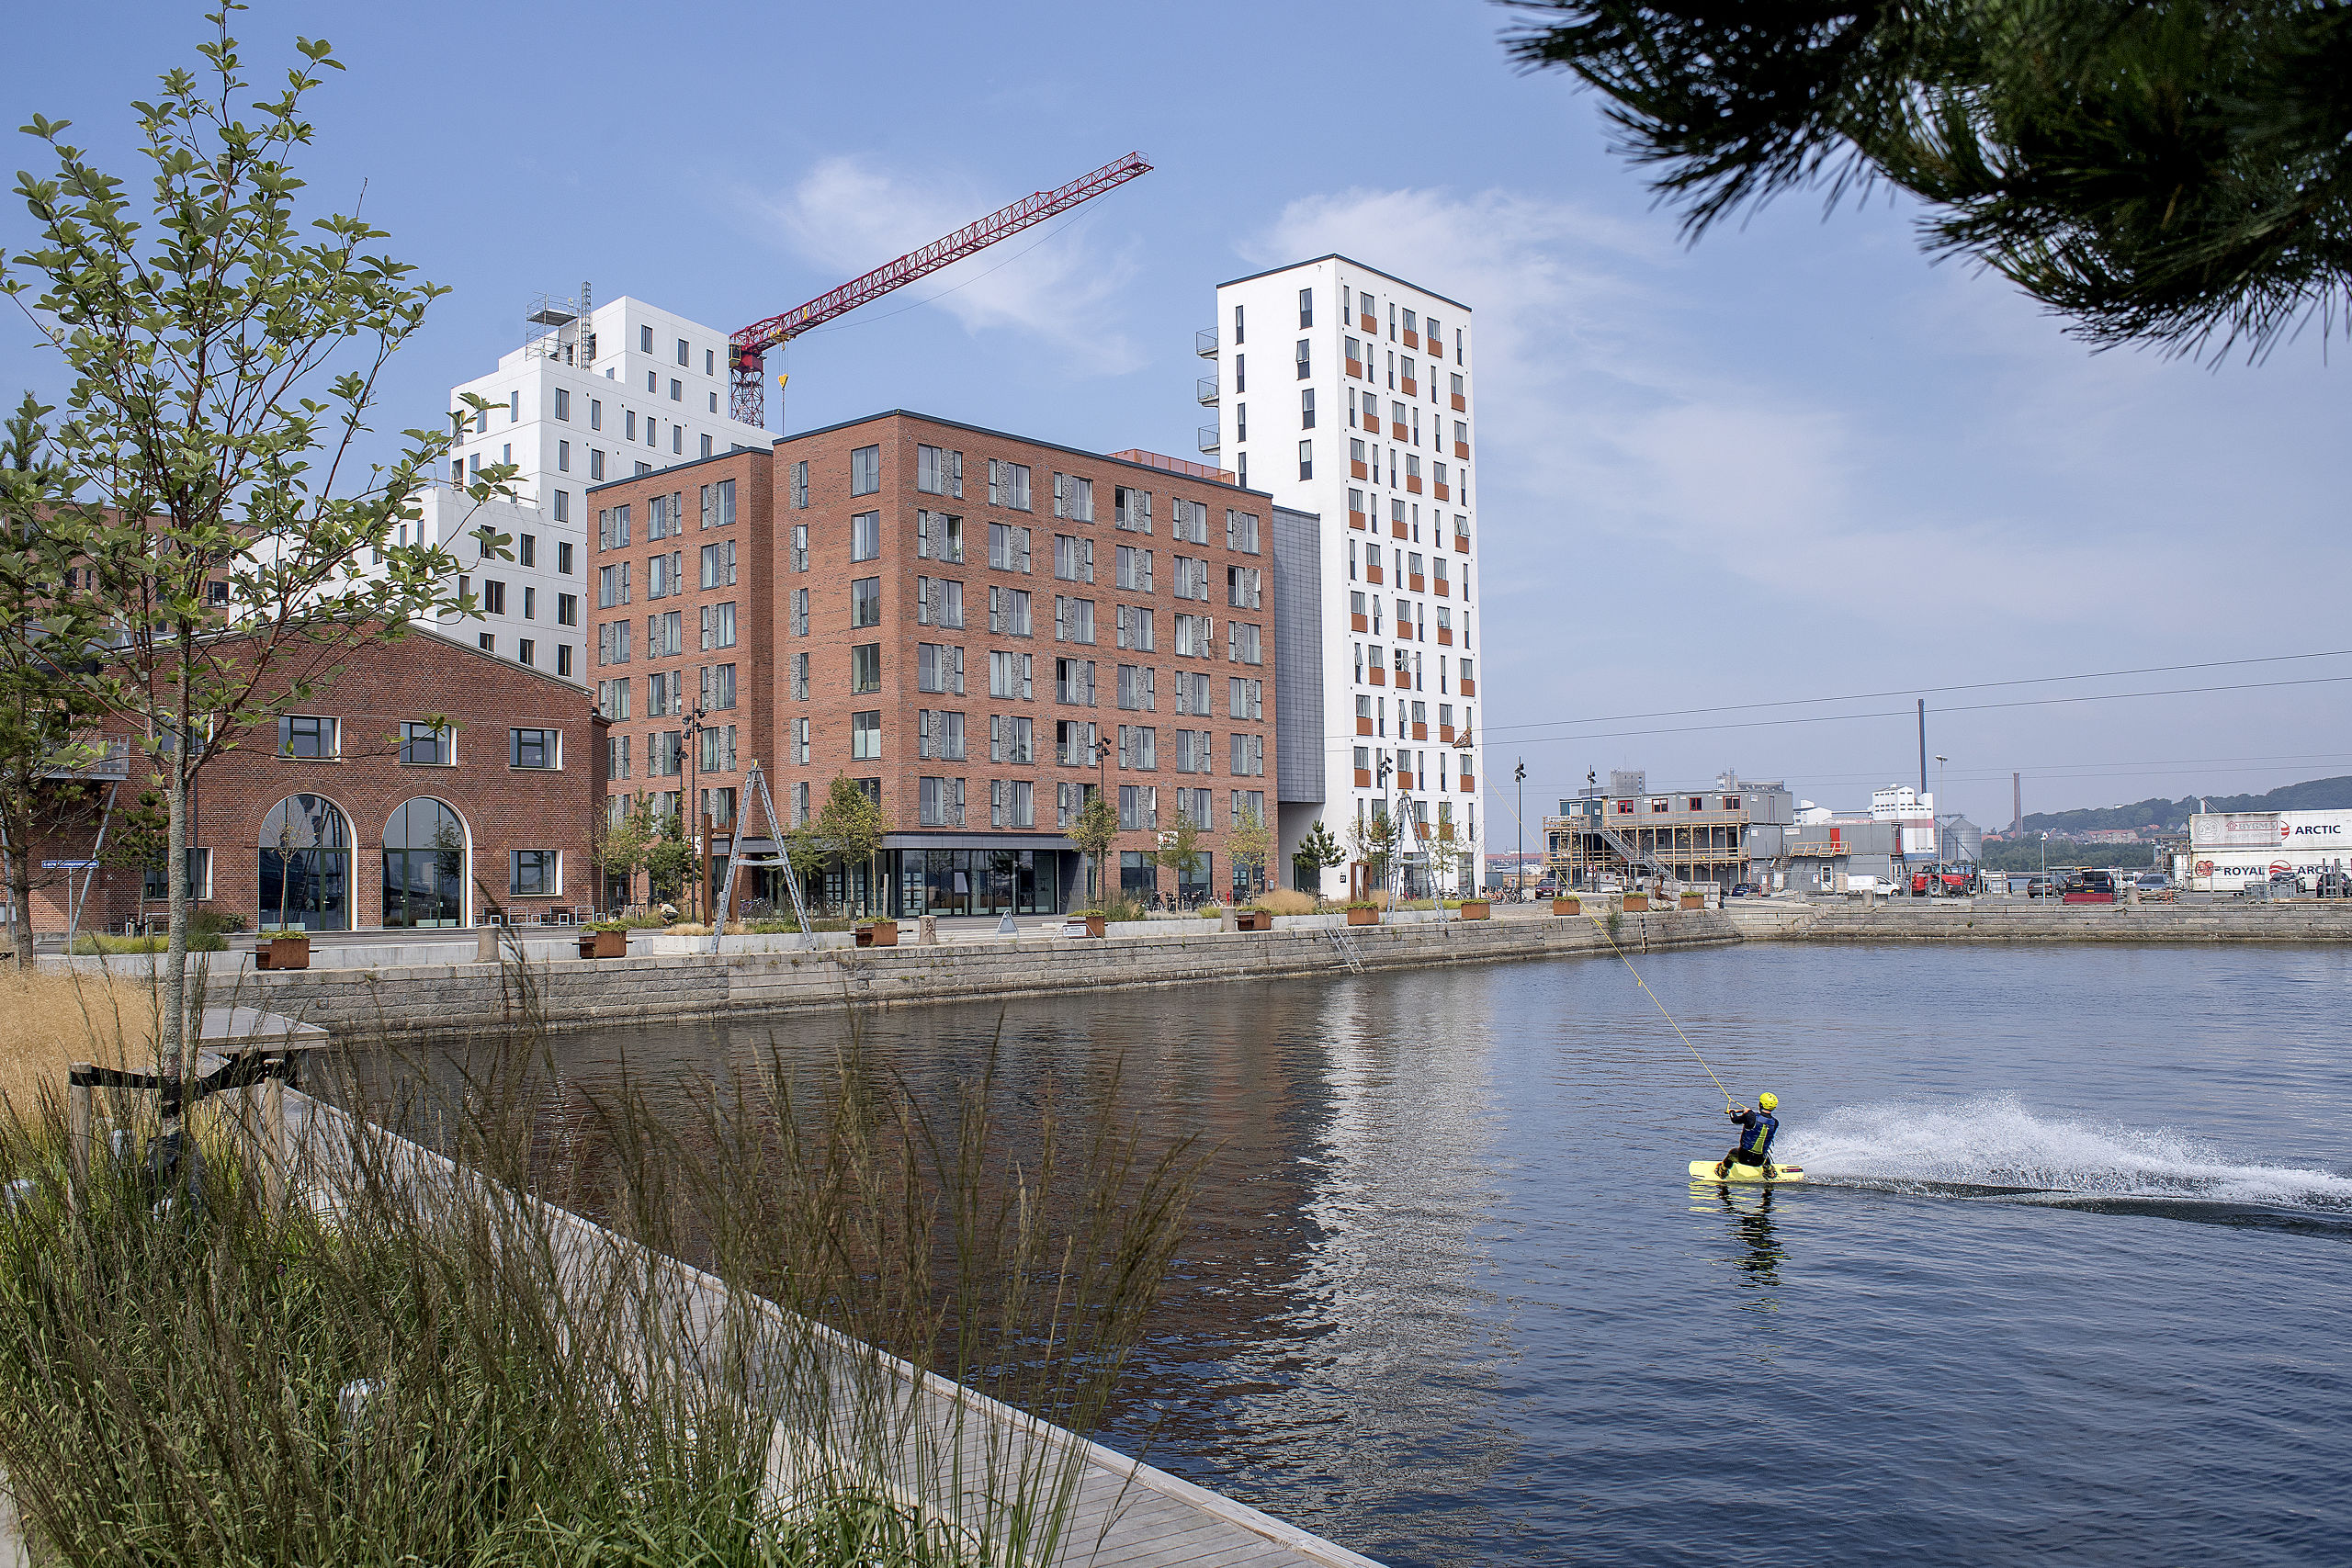 Der er masser af plads at boltre sig på i bassinet i Østre Havnepark i Aalborg, og klubben forventer et stort rykind på åbningsdagen lørdag den 6. april. Arkivfoto: Lars Pauli